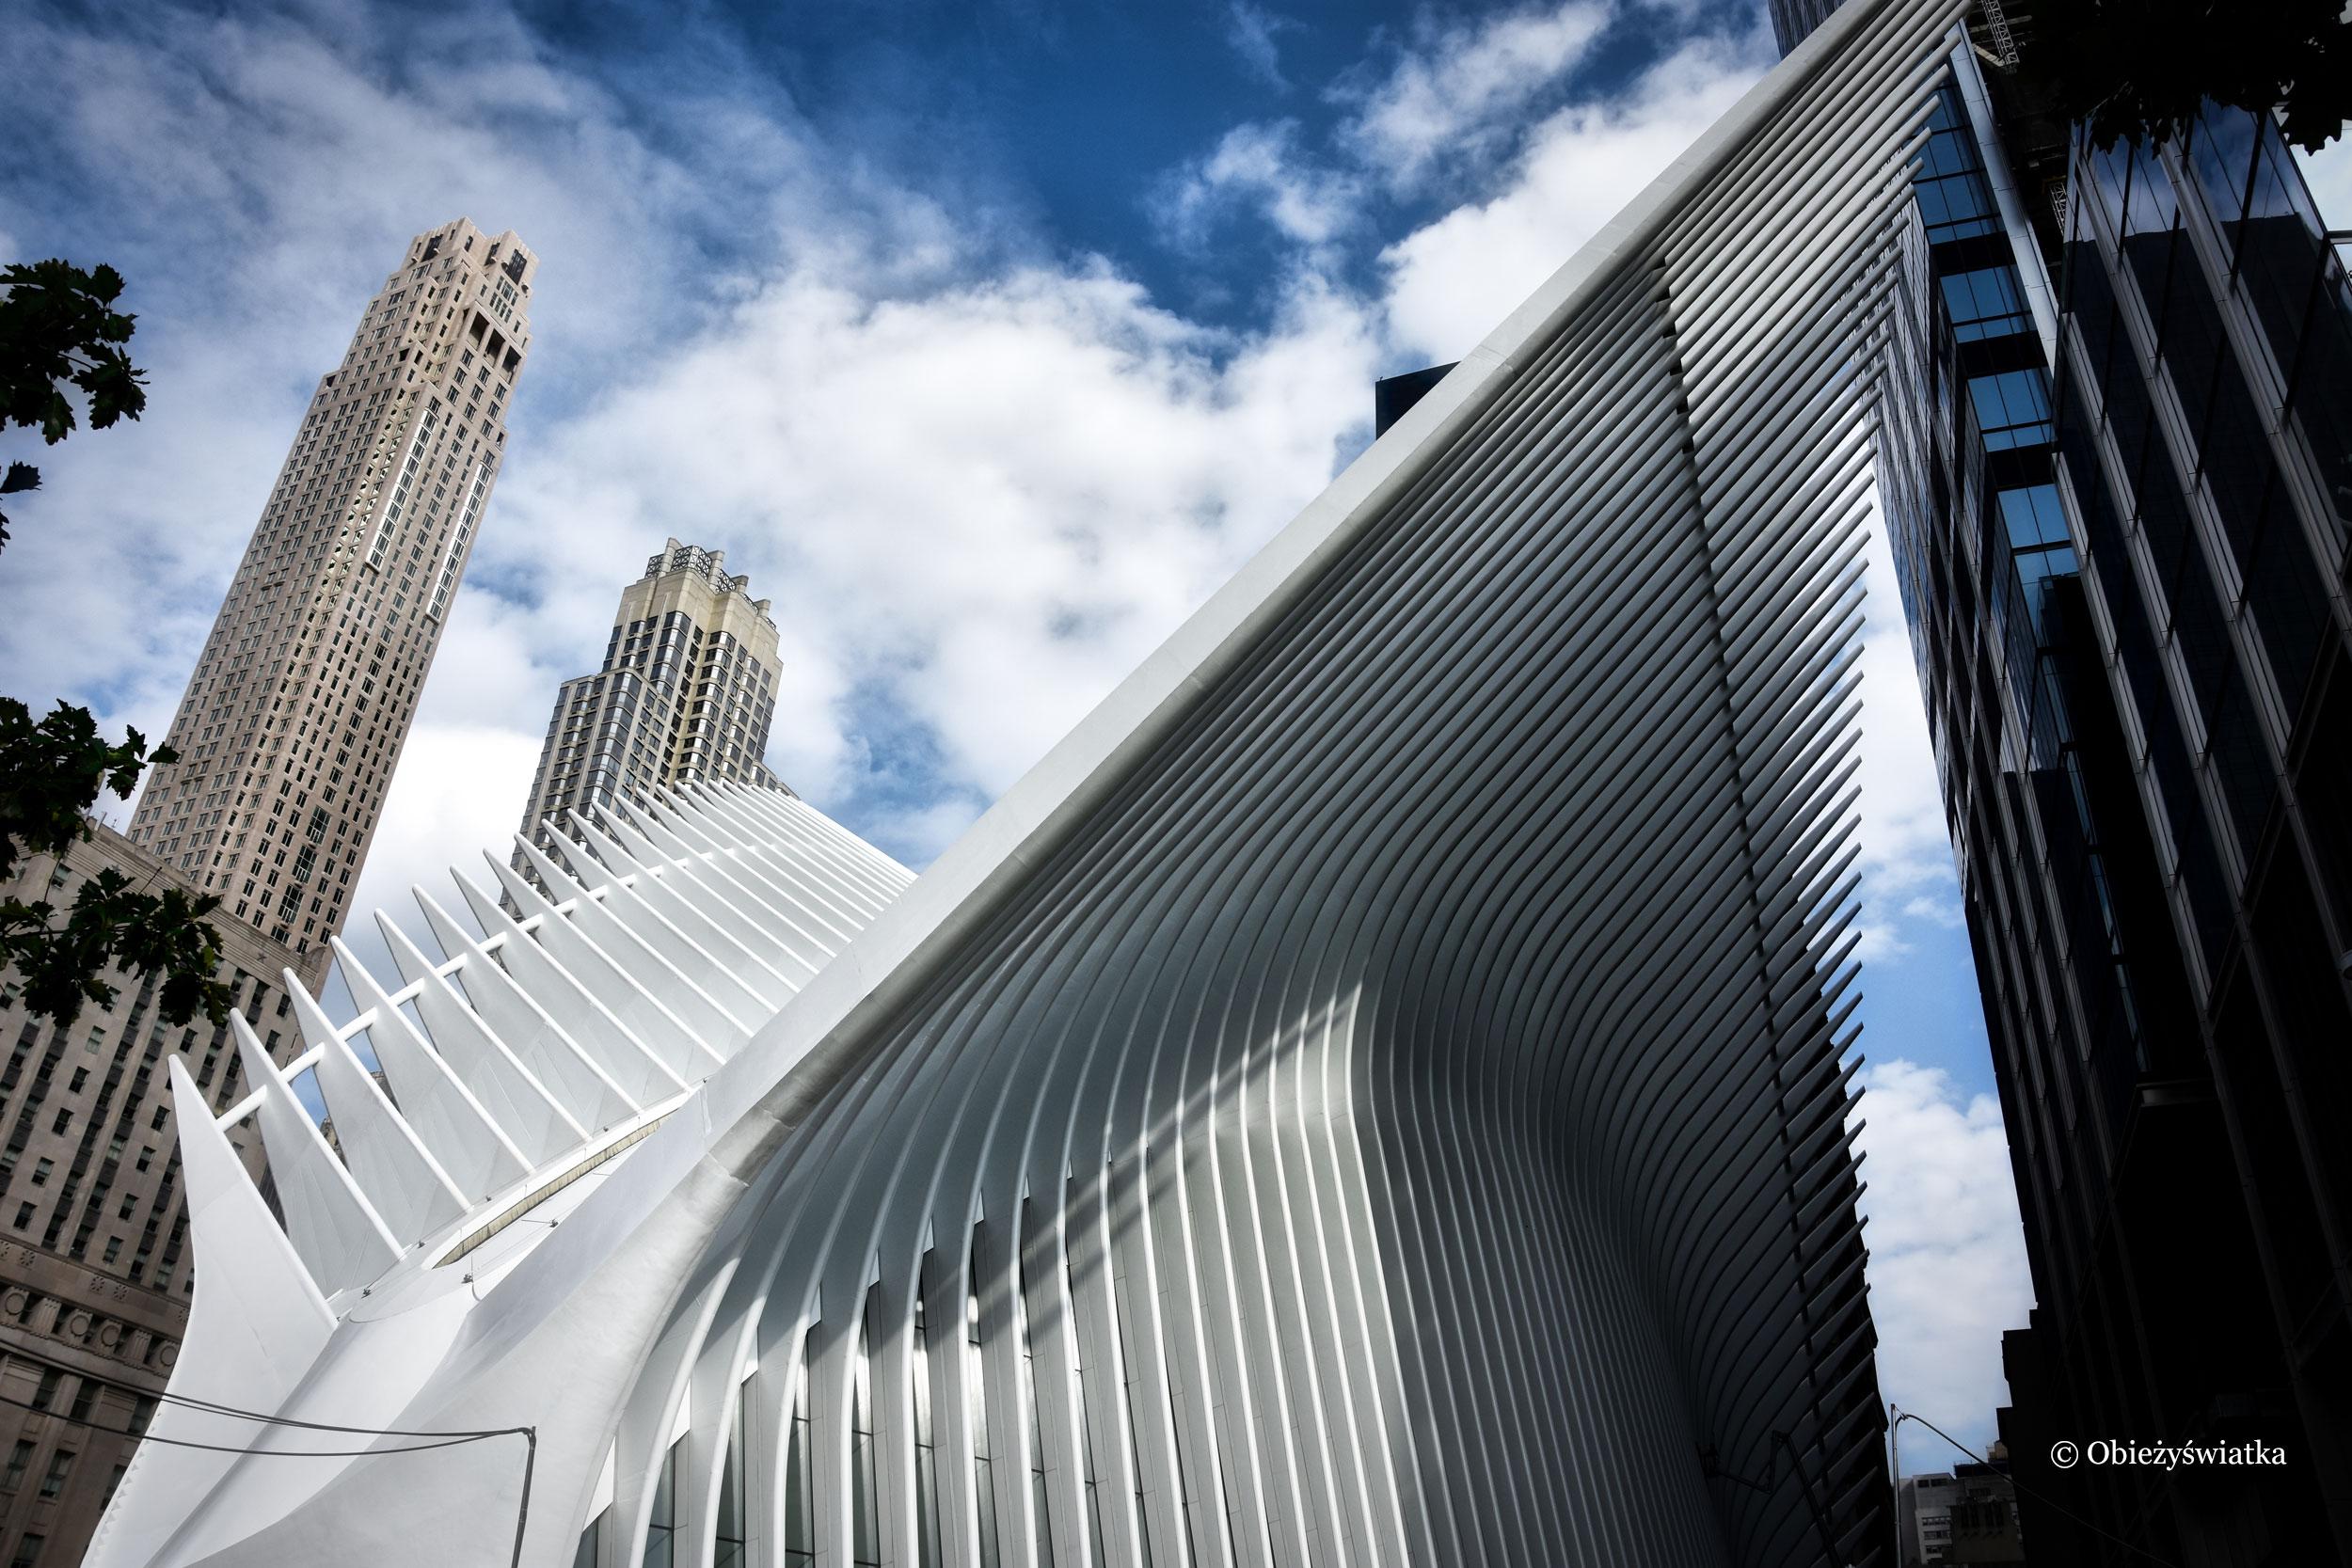 Dzieło Santiago Calatravy, stacja metra przy World Trade Center, Nowy Jork